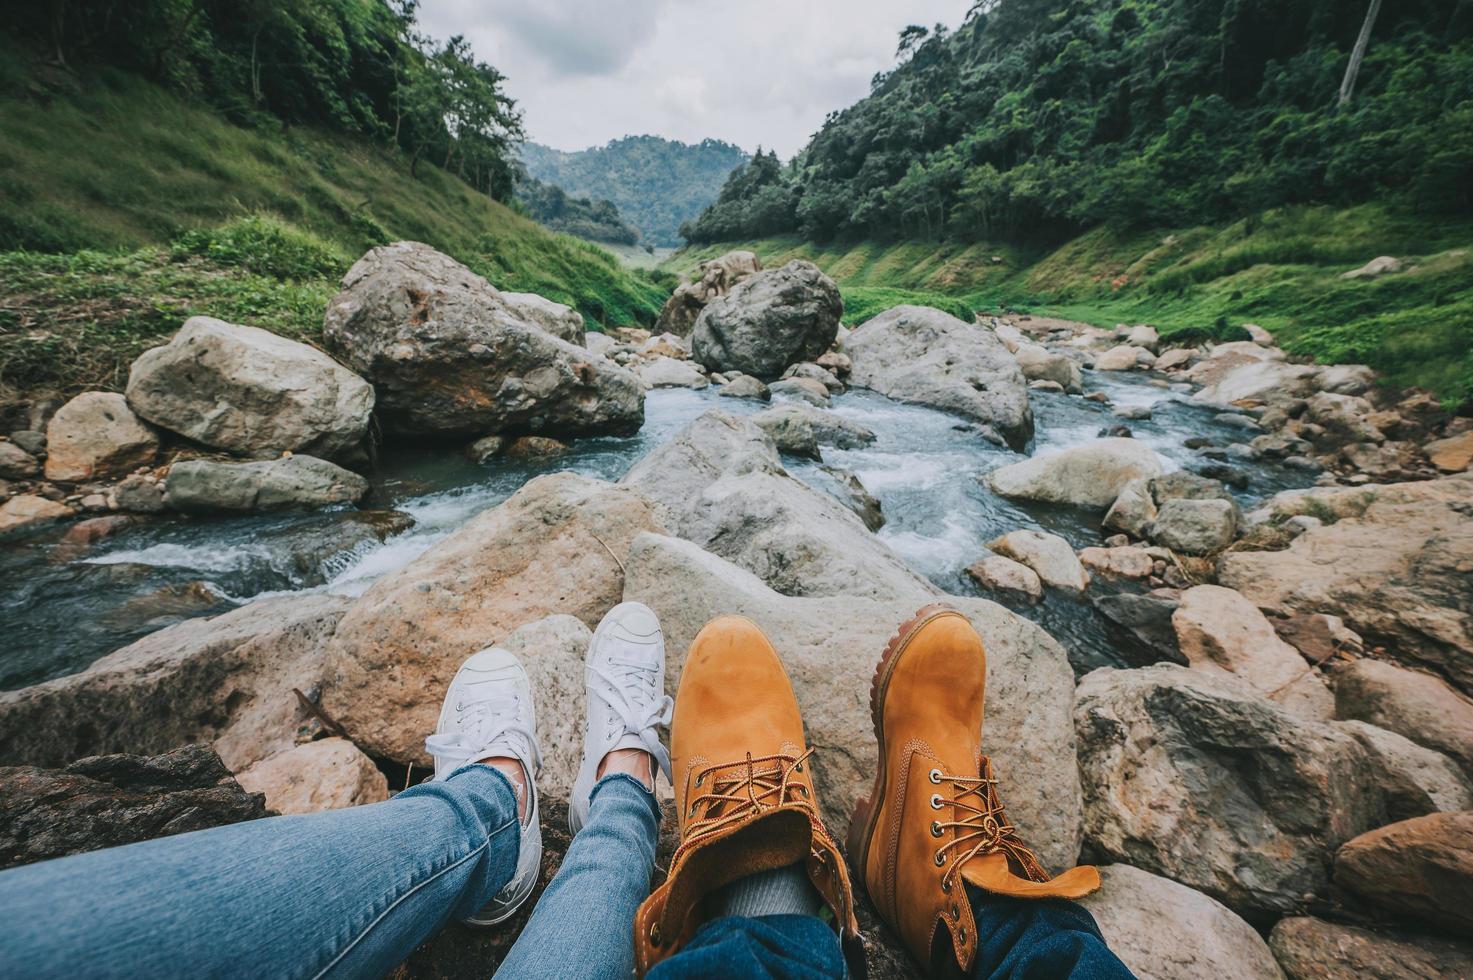 vandring vid en flod foto